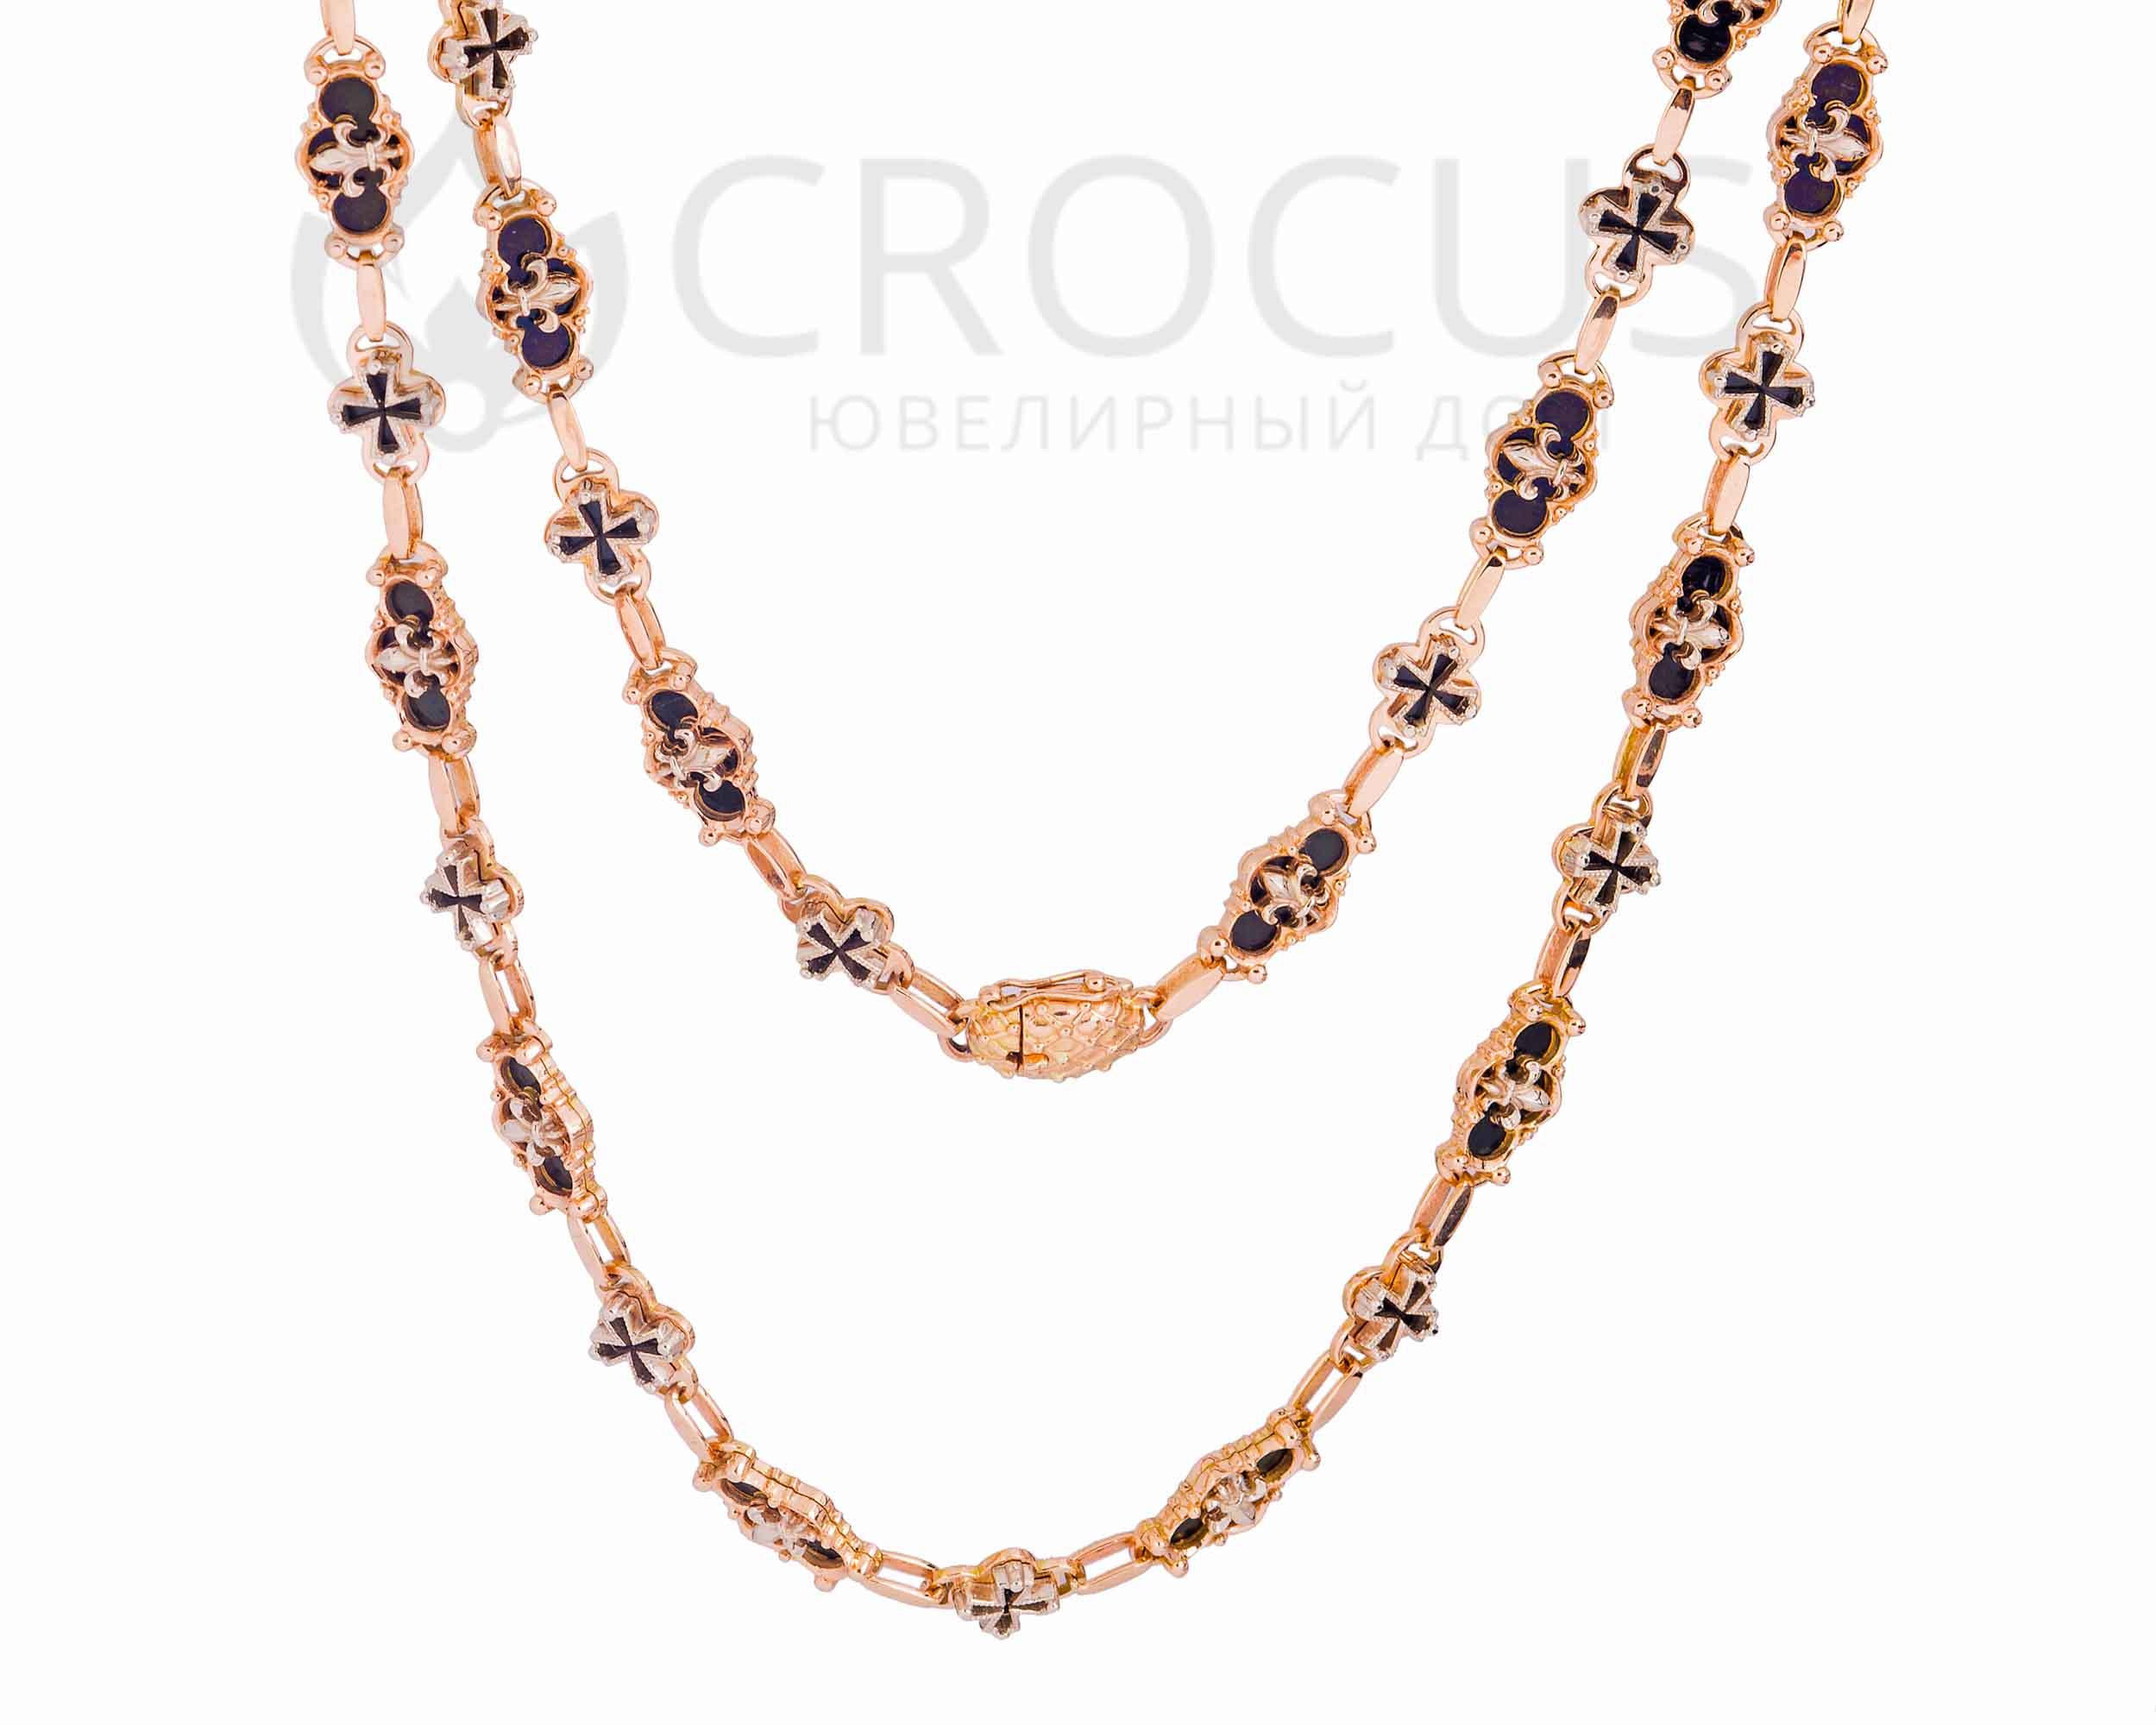 Золотая цепь - колье Faberge в Украине